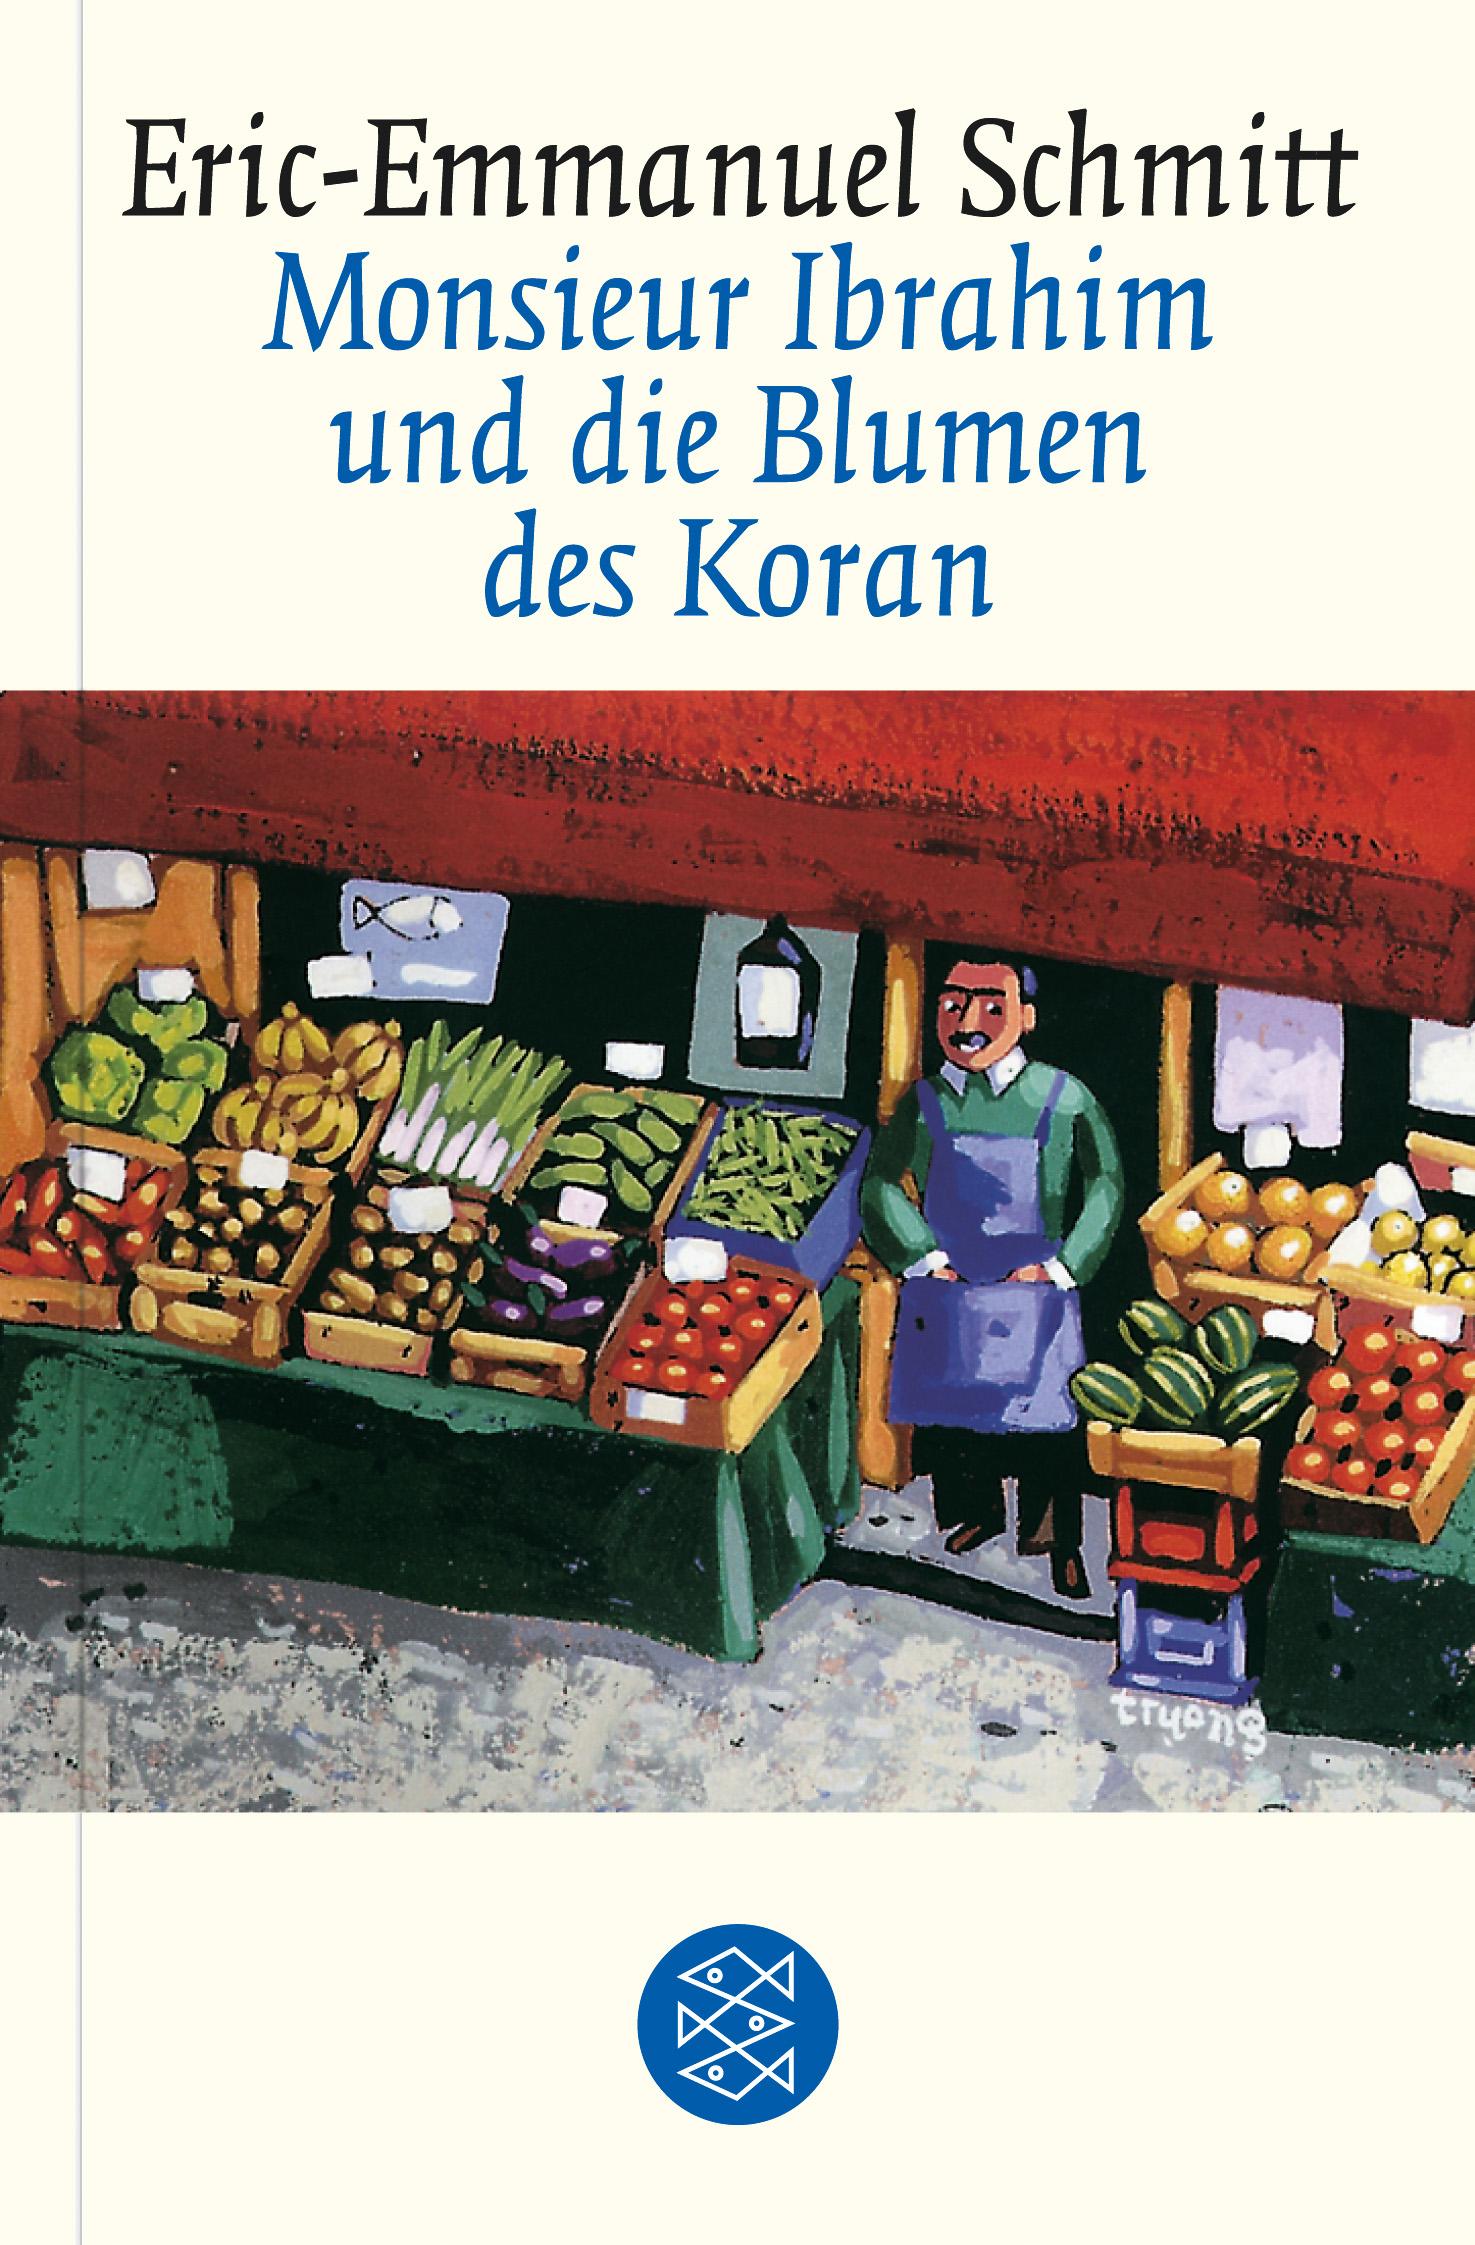 Monsieur Ibrahim und die Blumen des Koran - Eric-Emmanuel Schmitt [Gebundene Ausgabe]